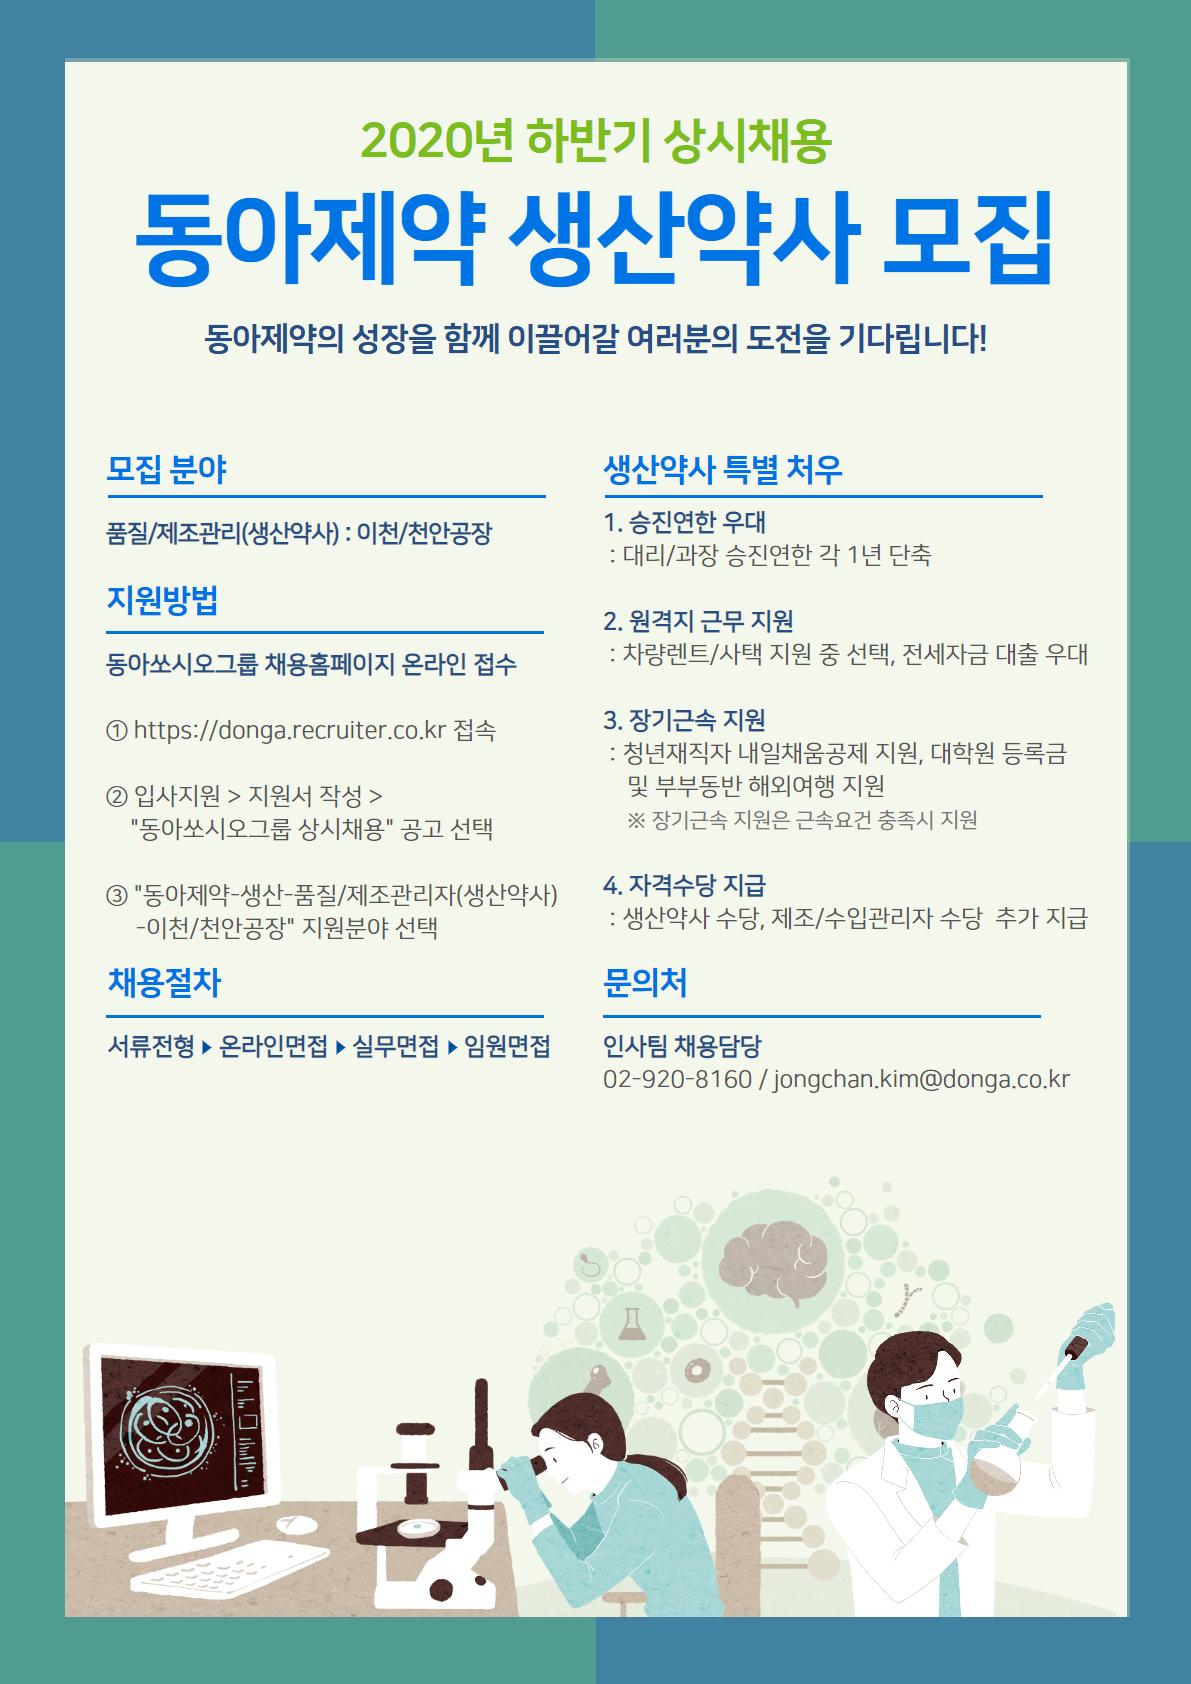 「반출」생산약사 모집 공고_200622.png